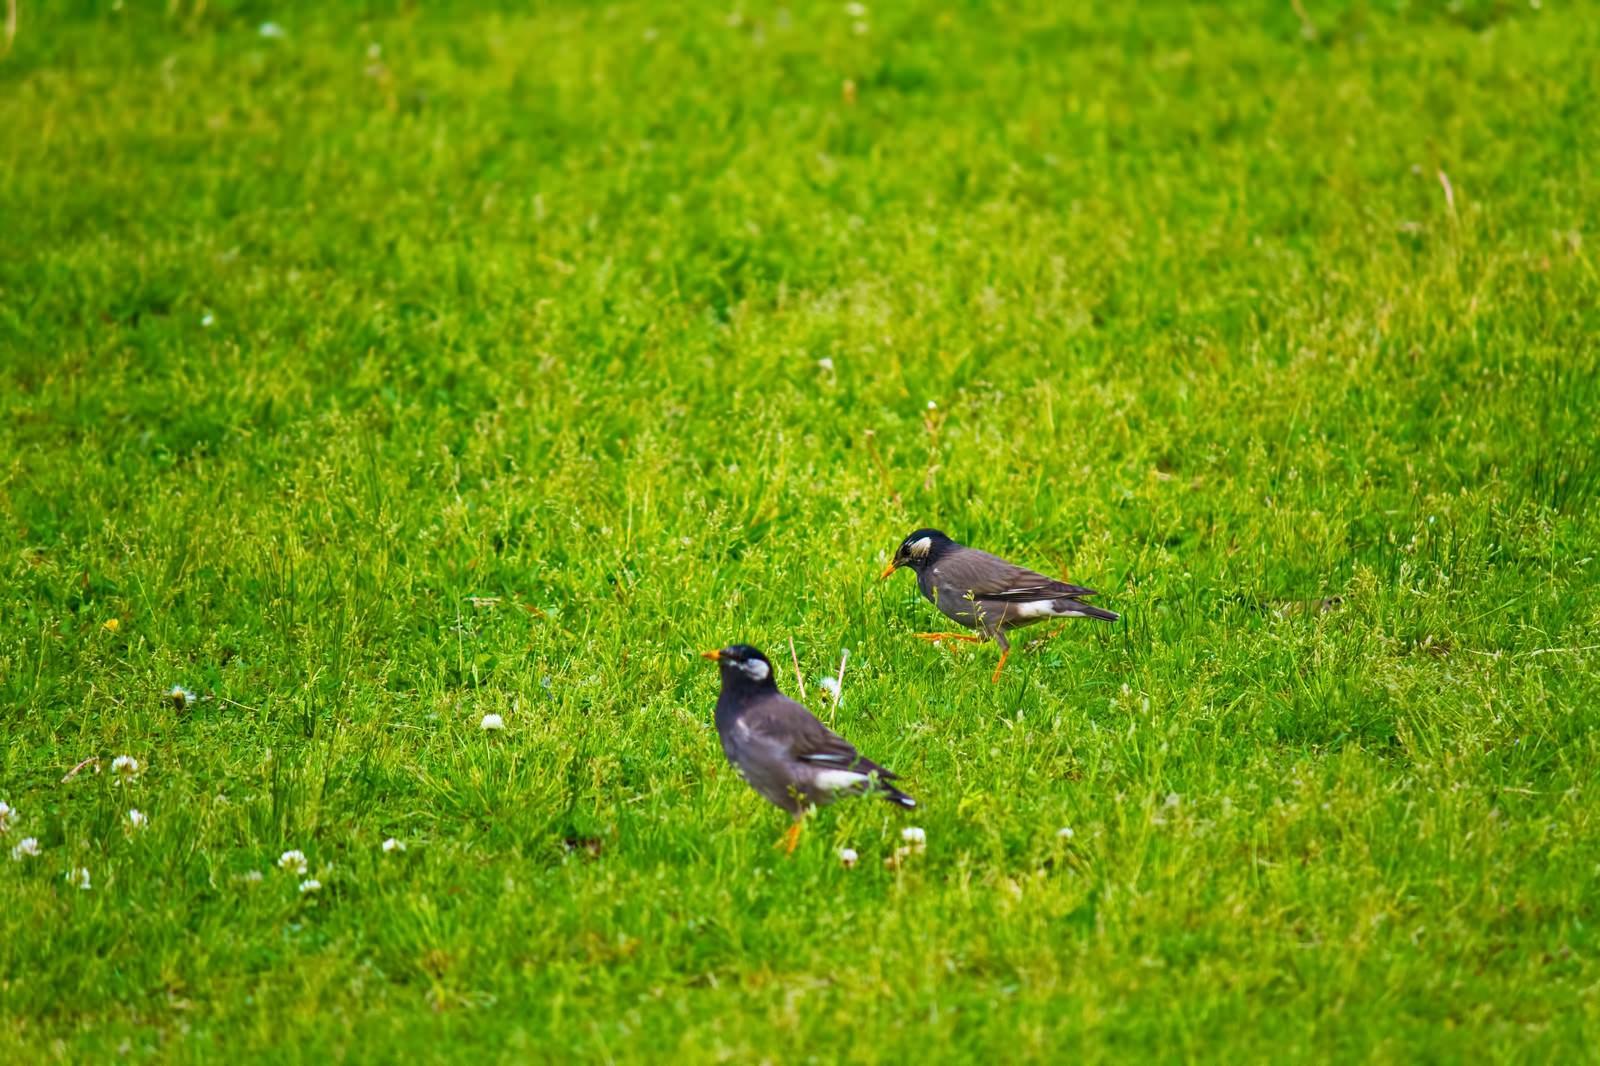 「小さな鳥のつがい」の写真